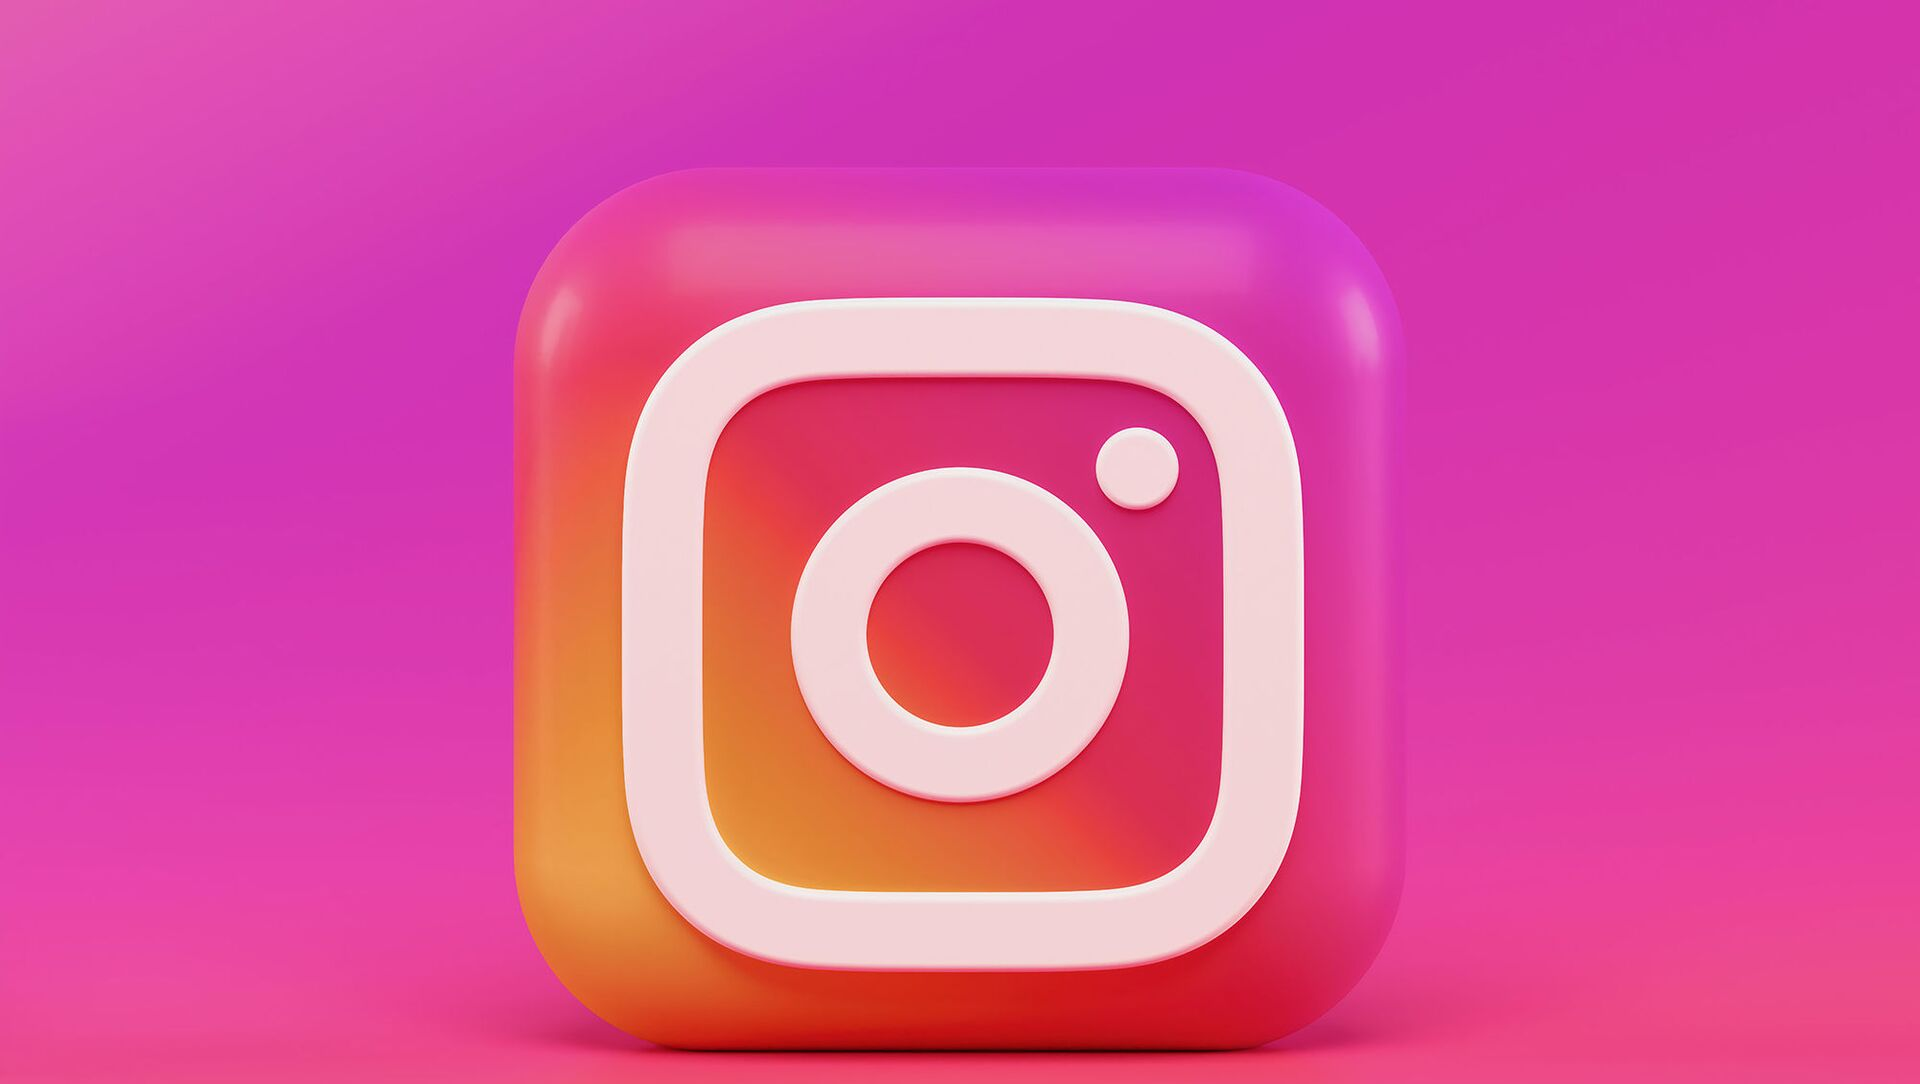 Обновление Instagram: больше общения - Sputnik Азербайджан, 1920, 04.03.2021